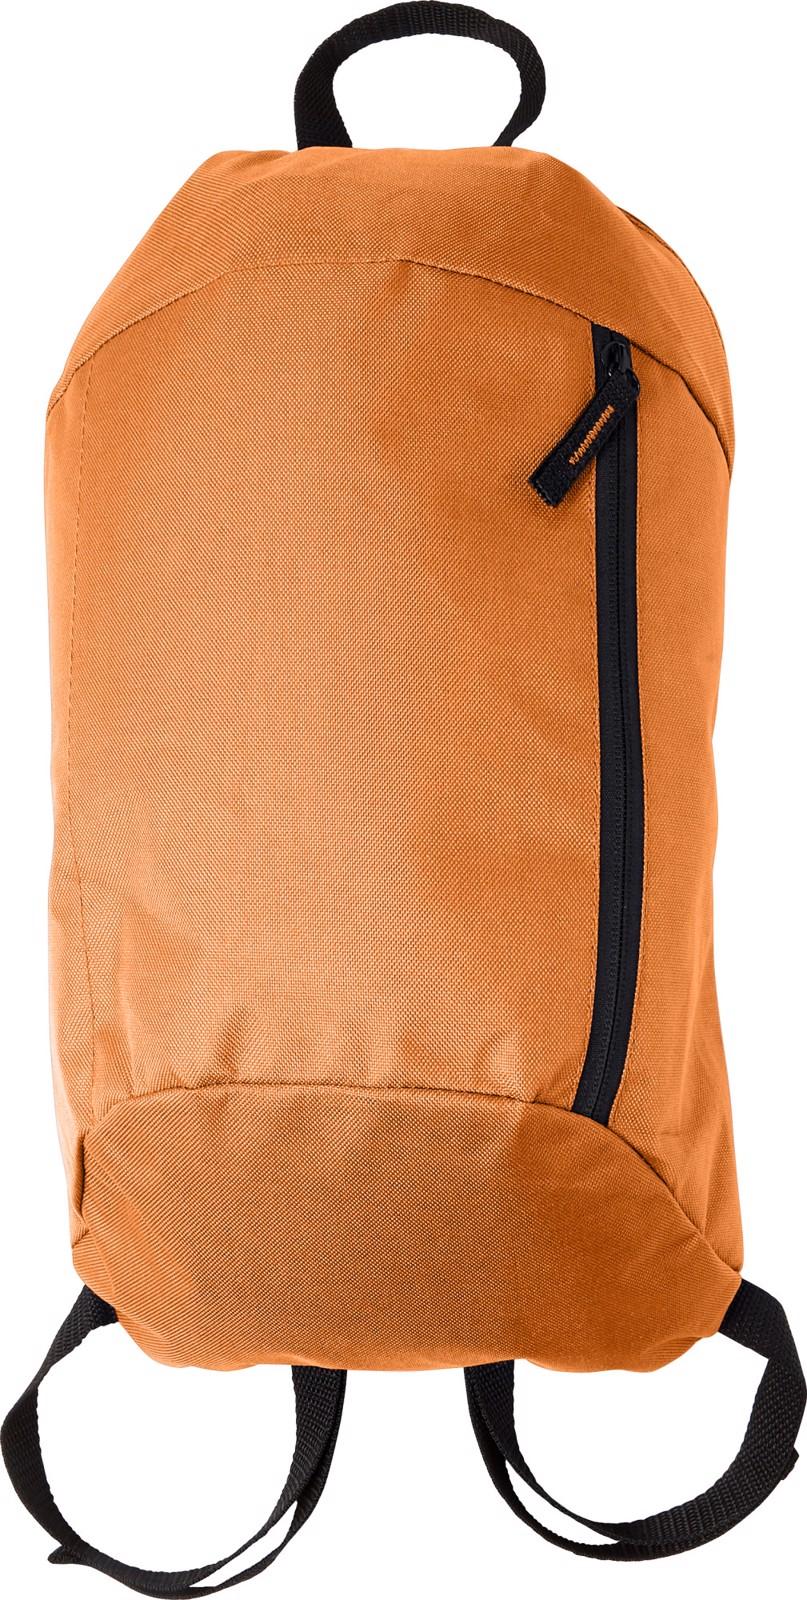 Polyester (210D) backpack - Orange